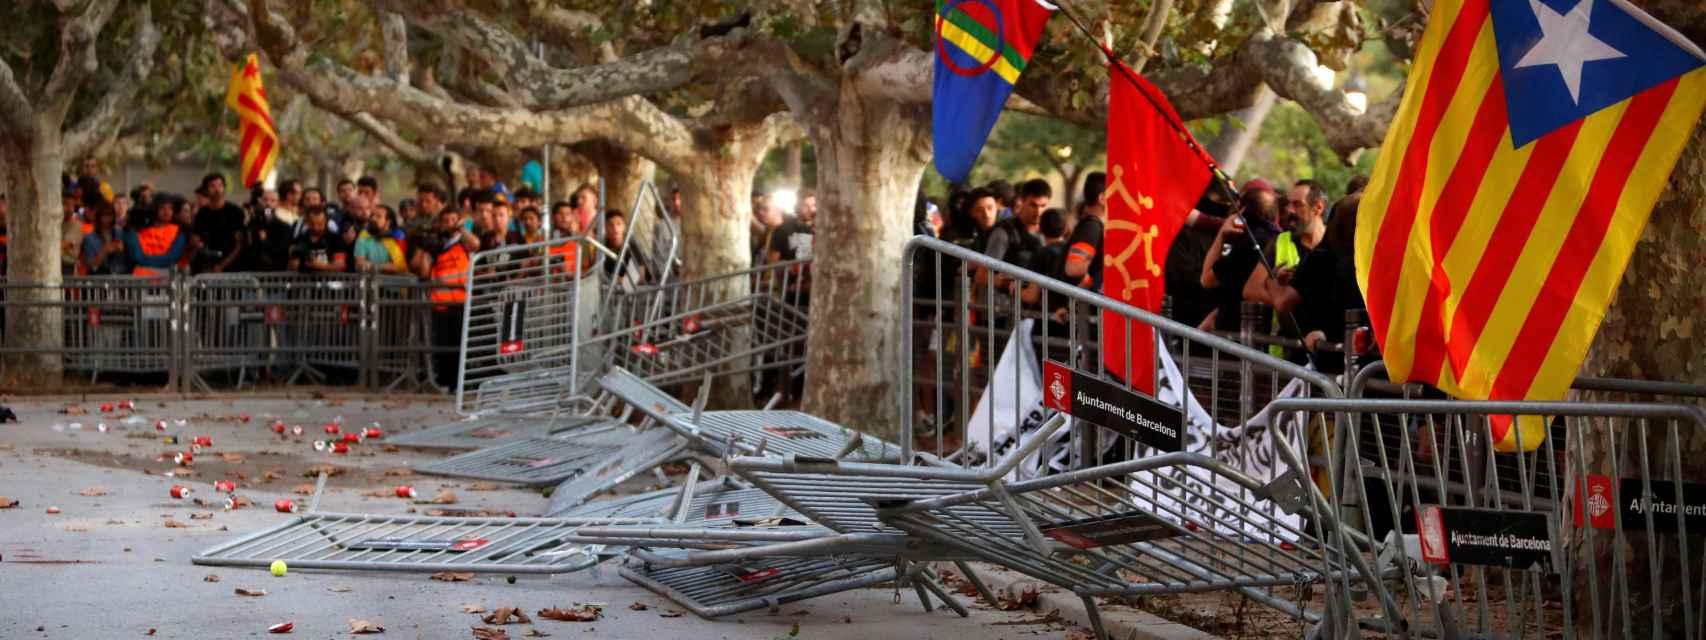 Disturbios tras la manifestación de la Diada frente al Parlament.